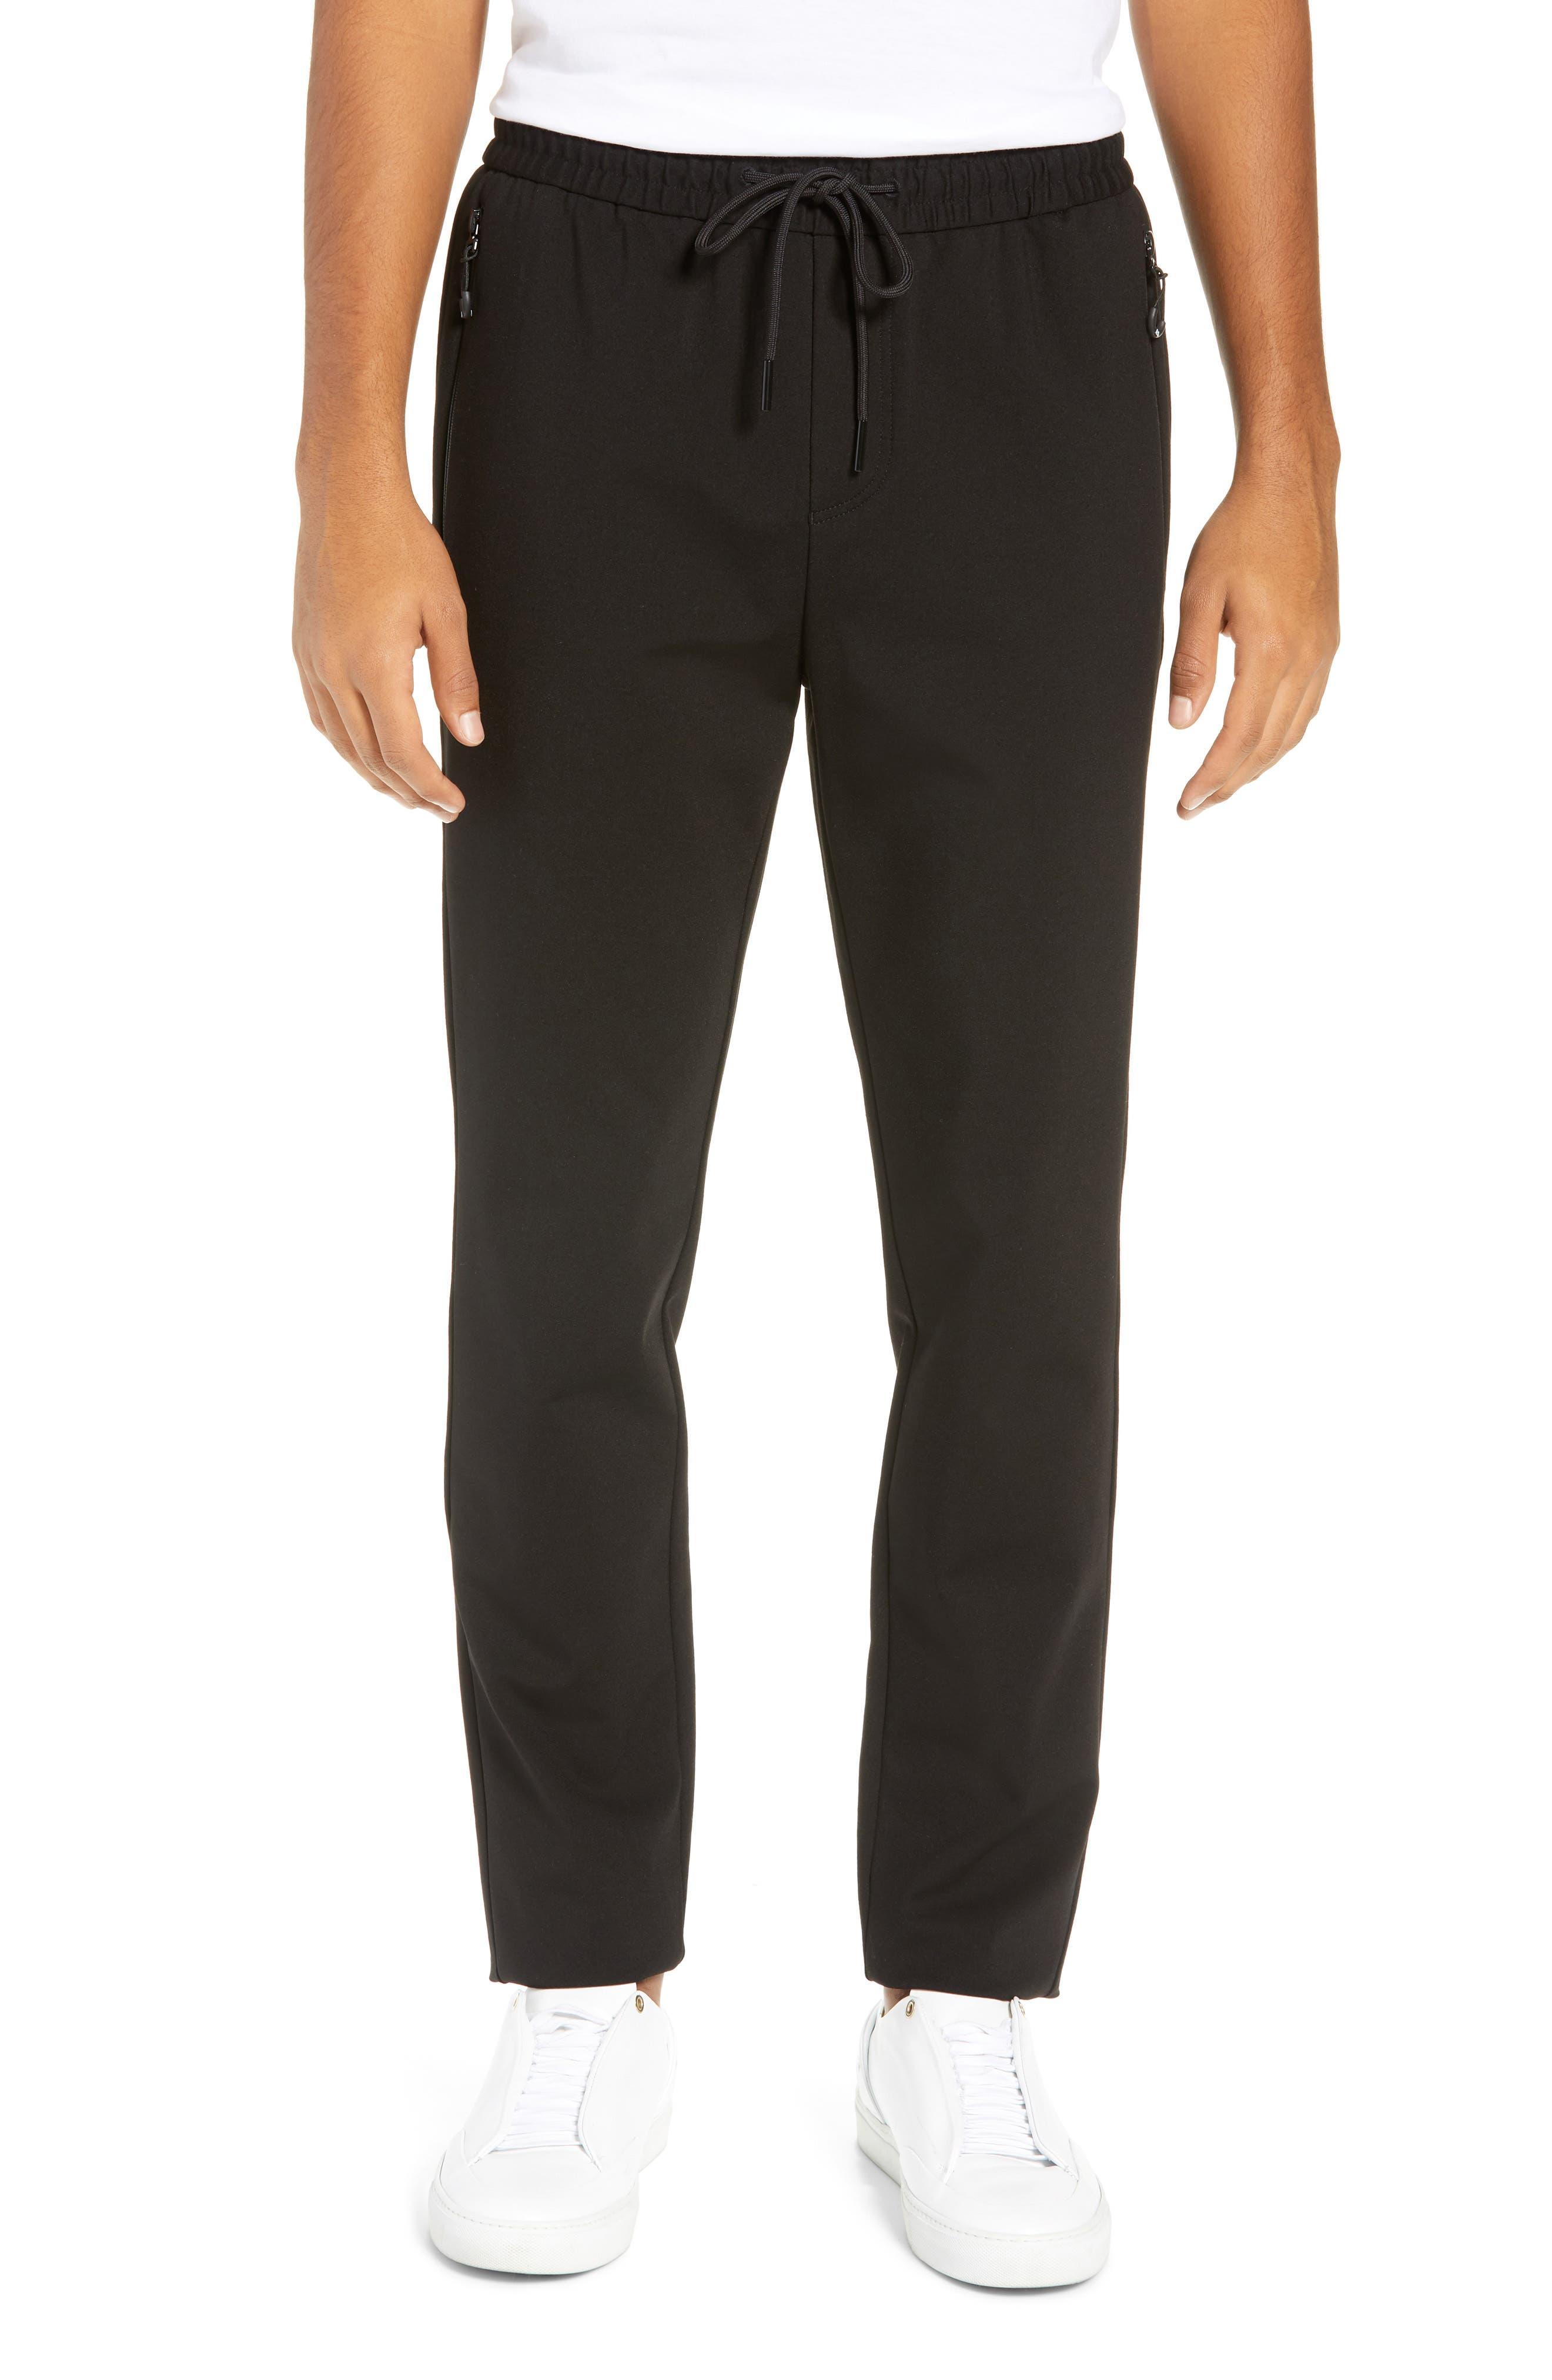 RIVER STONE Slim Fit Pants, Main, color, 001